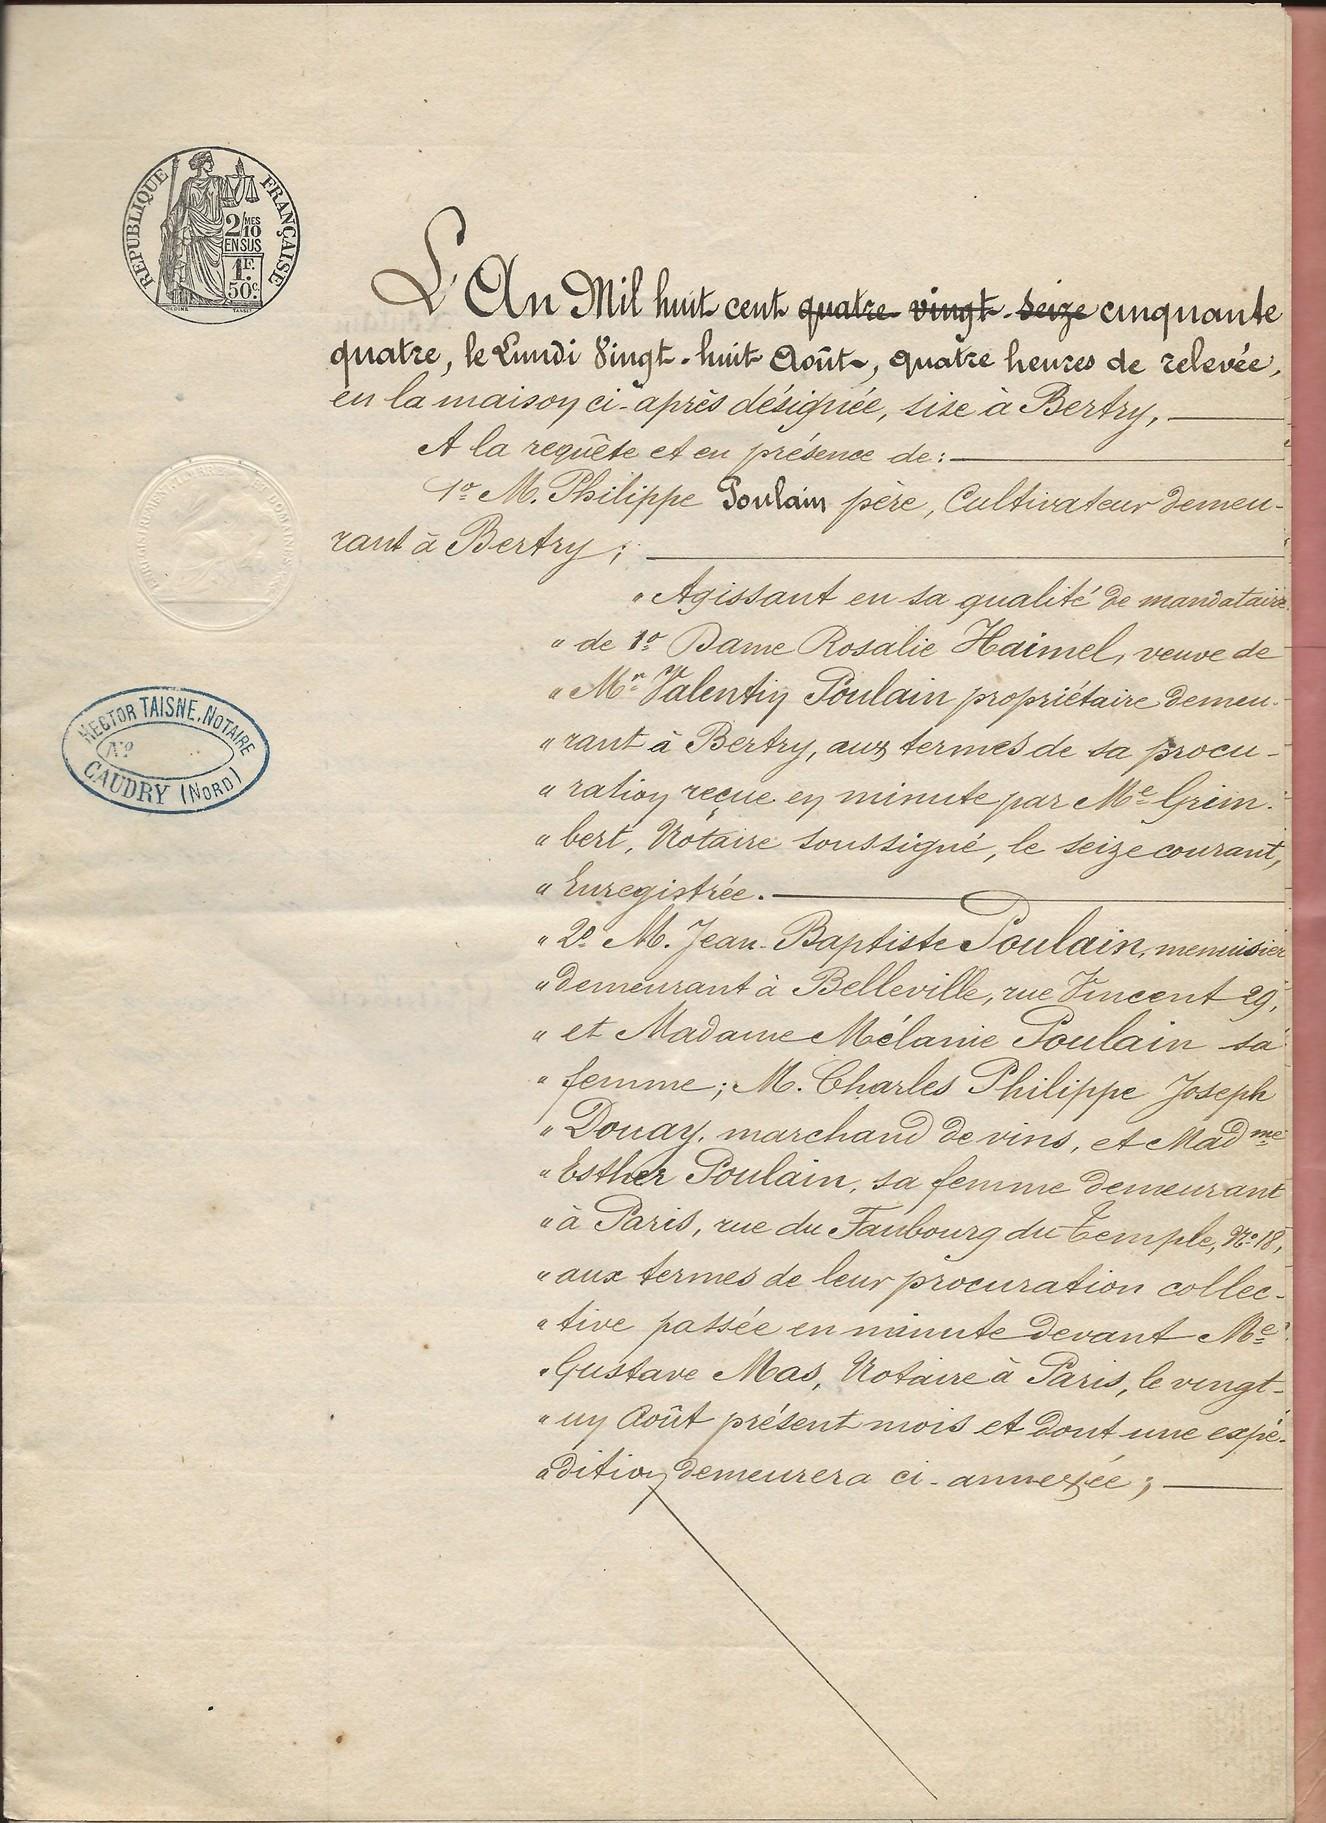 1854 vente adjucation vve poulain haimel a jeremy poulain 001